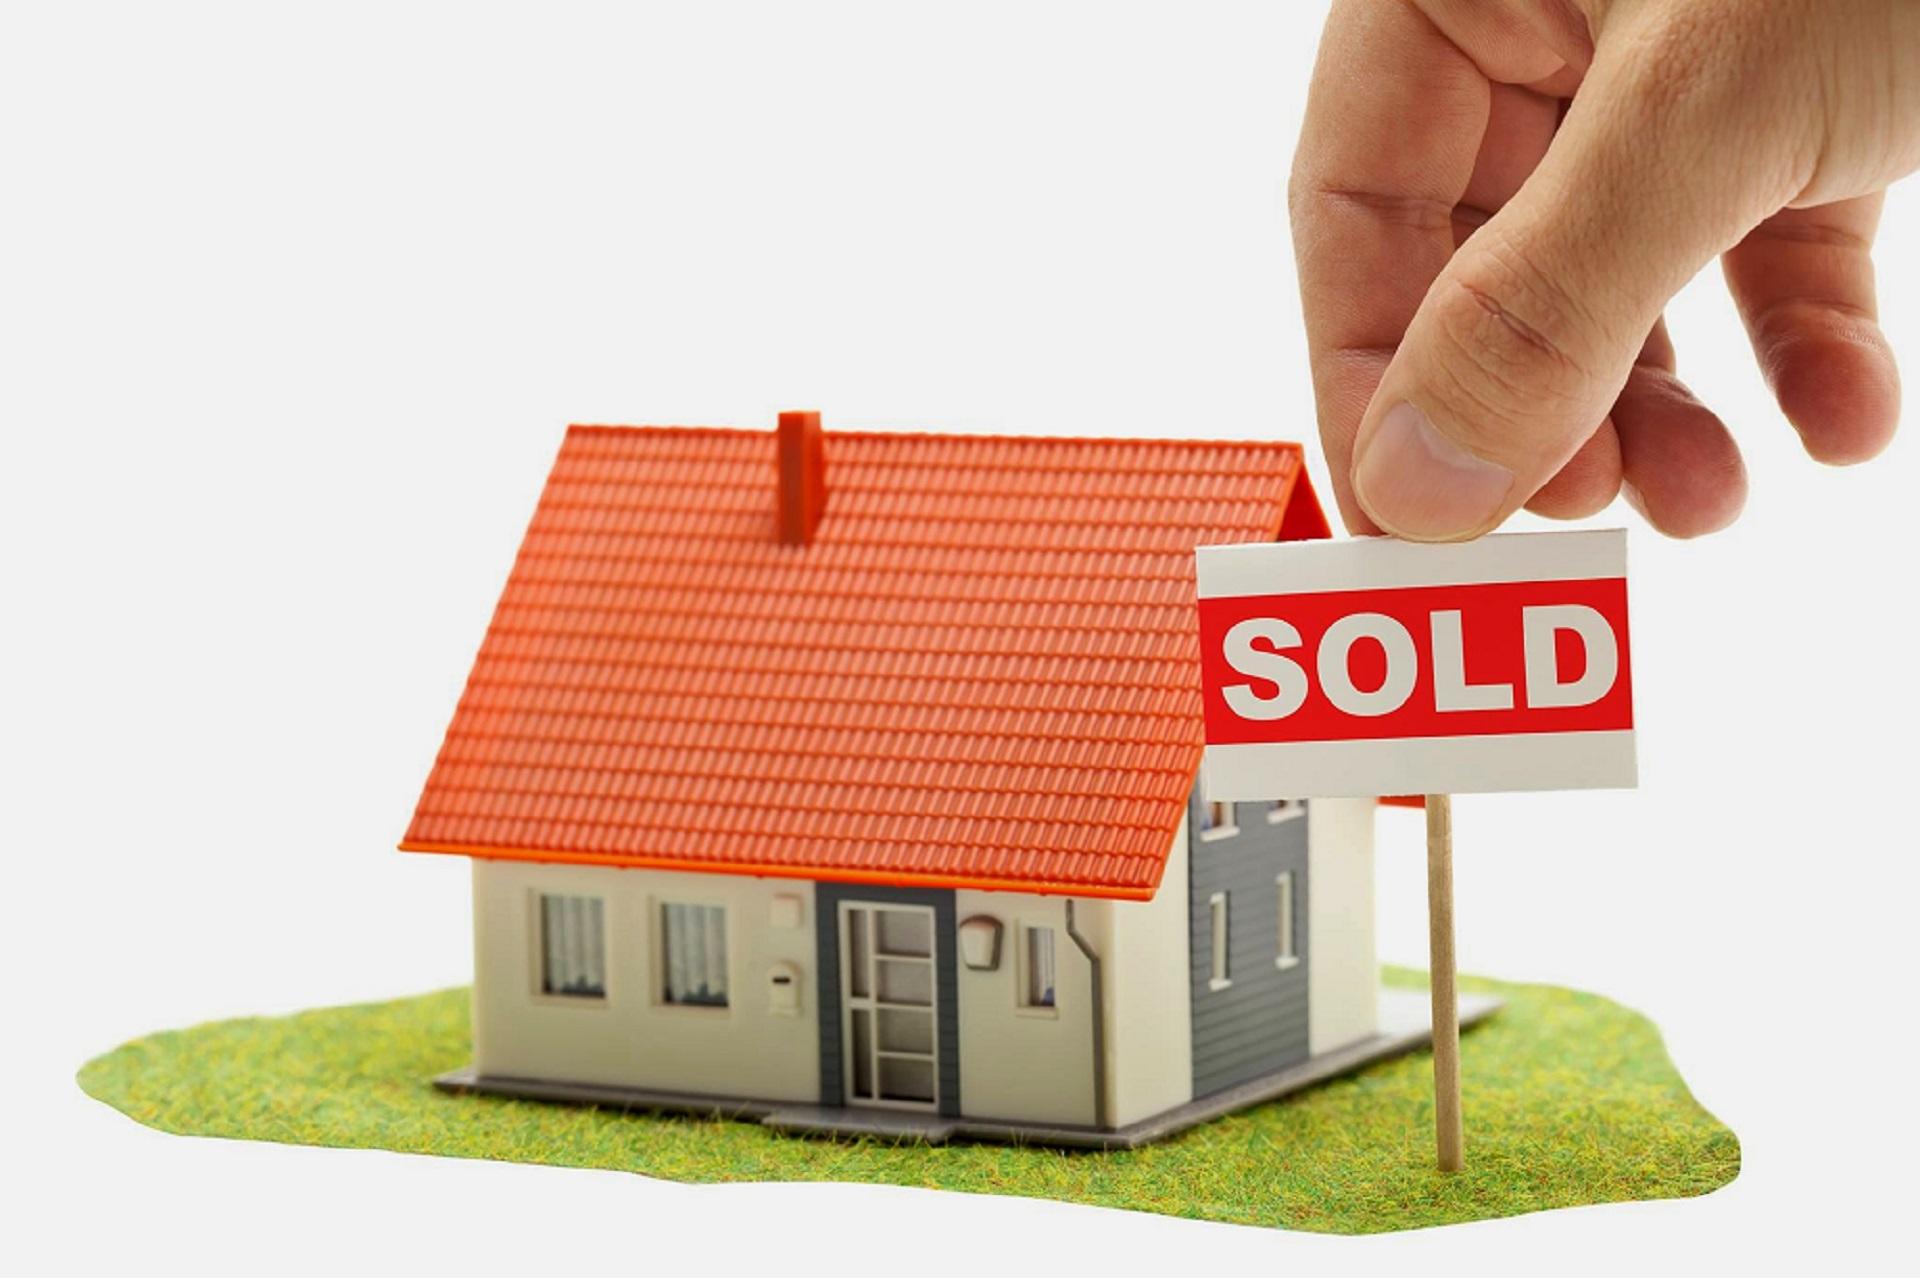 Помощь в продаже недвижимости за рубежом